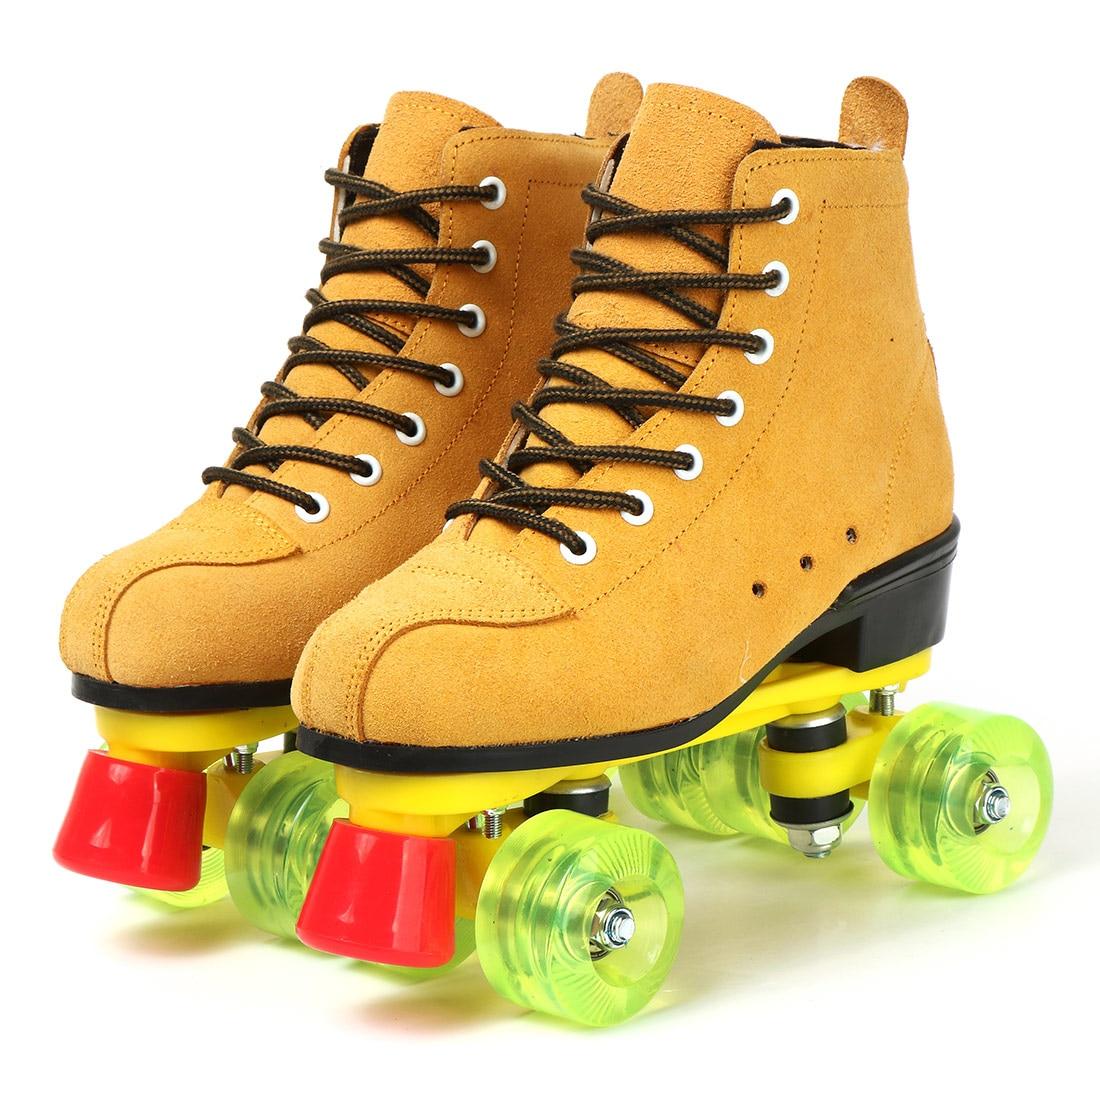 Женские роликовые коньки из искусственной кожи, желтые роликовые коньки с двойной линией, обувь для взрослых с двумя линиями, патины, зелены...